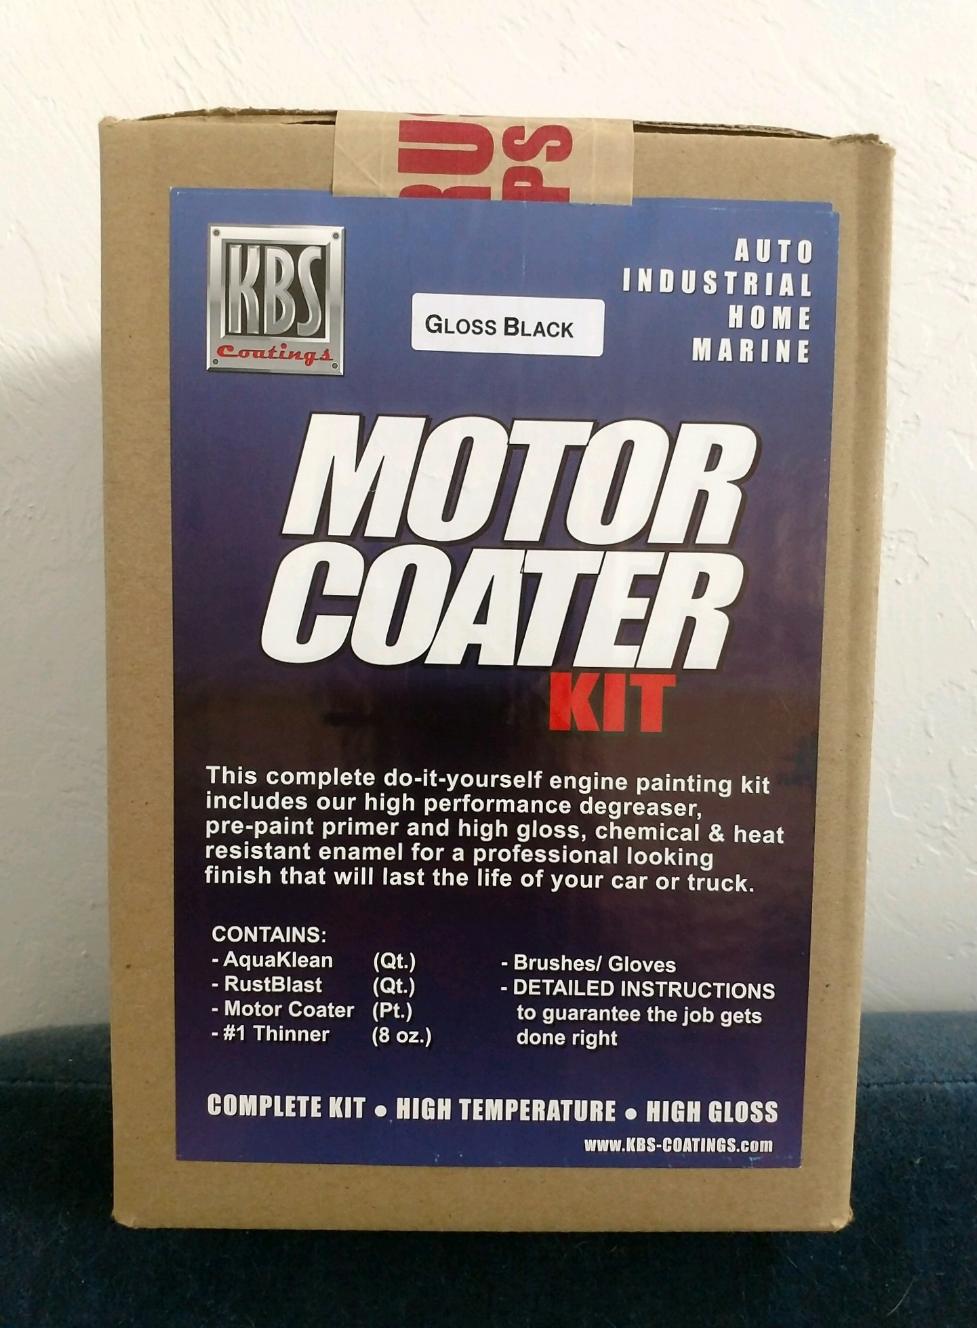 Motor Coater Kit, Gloss Black